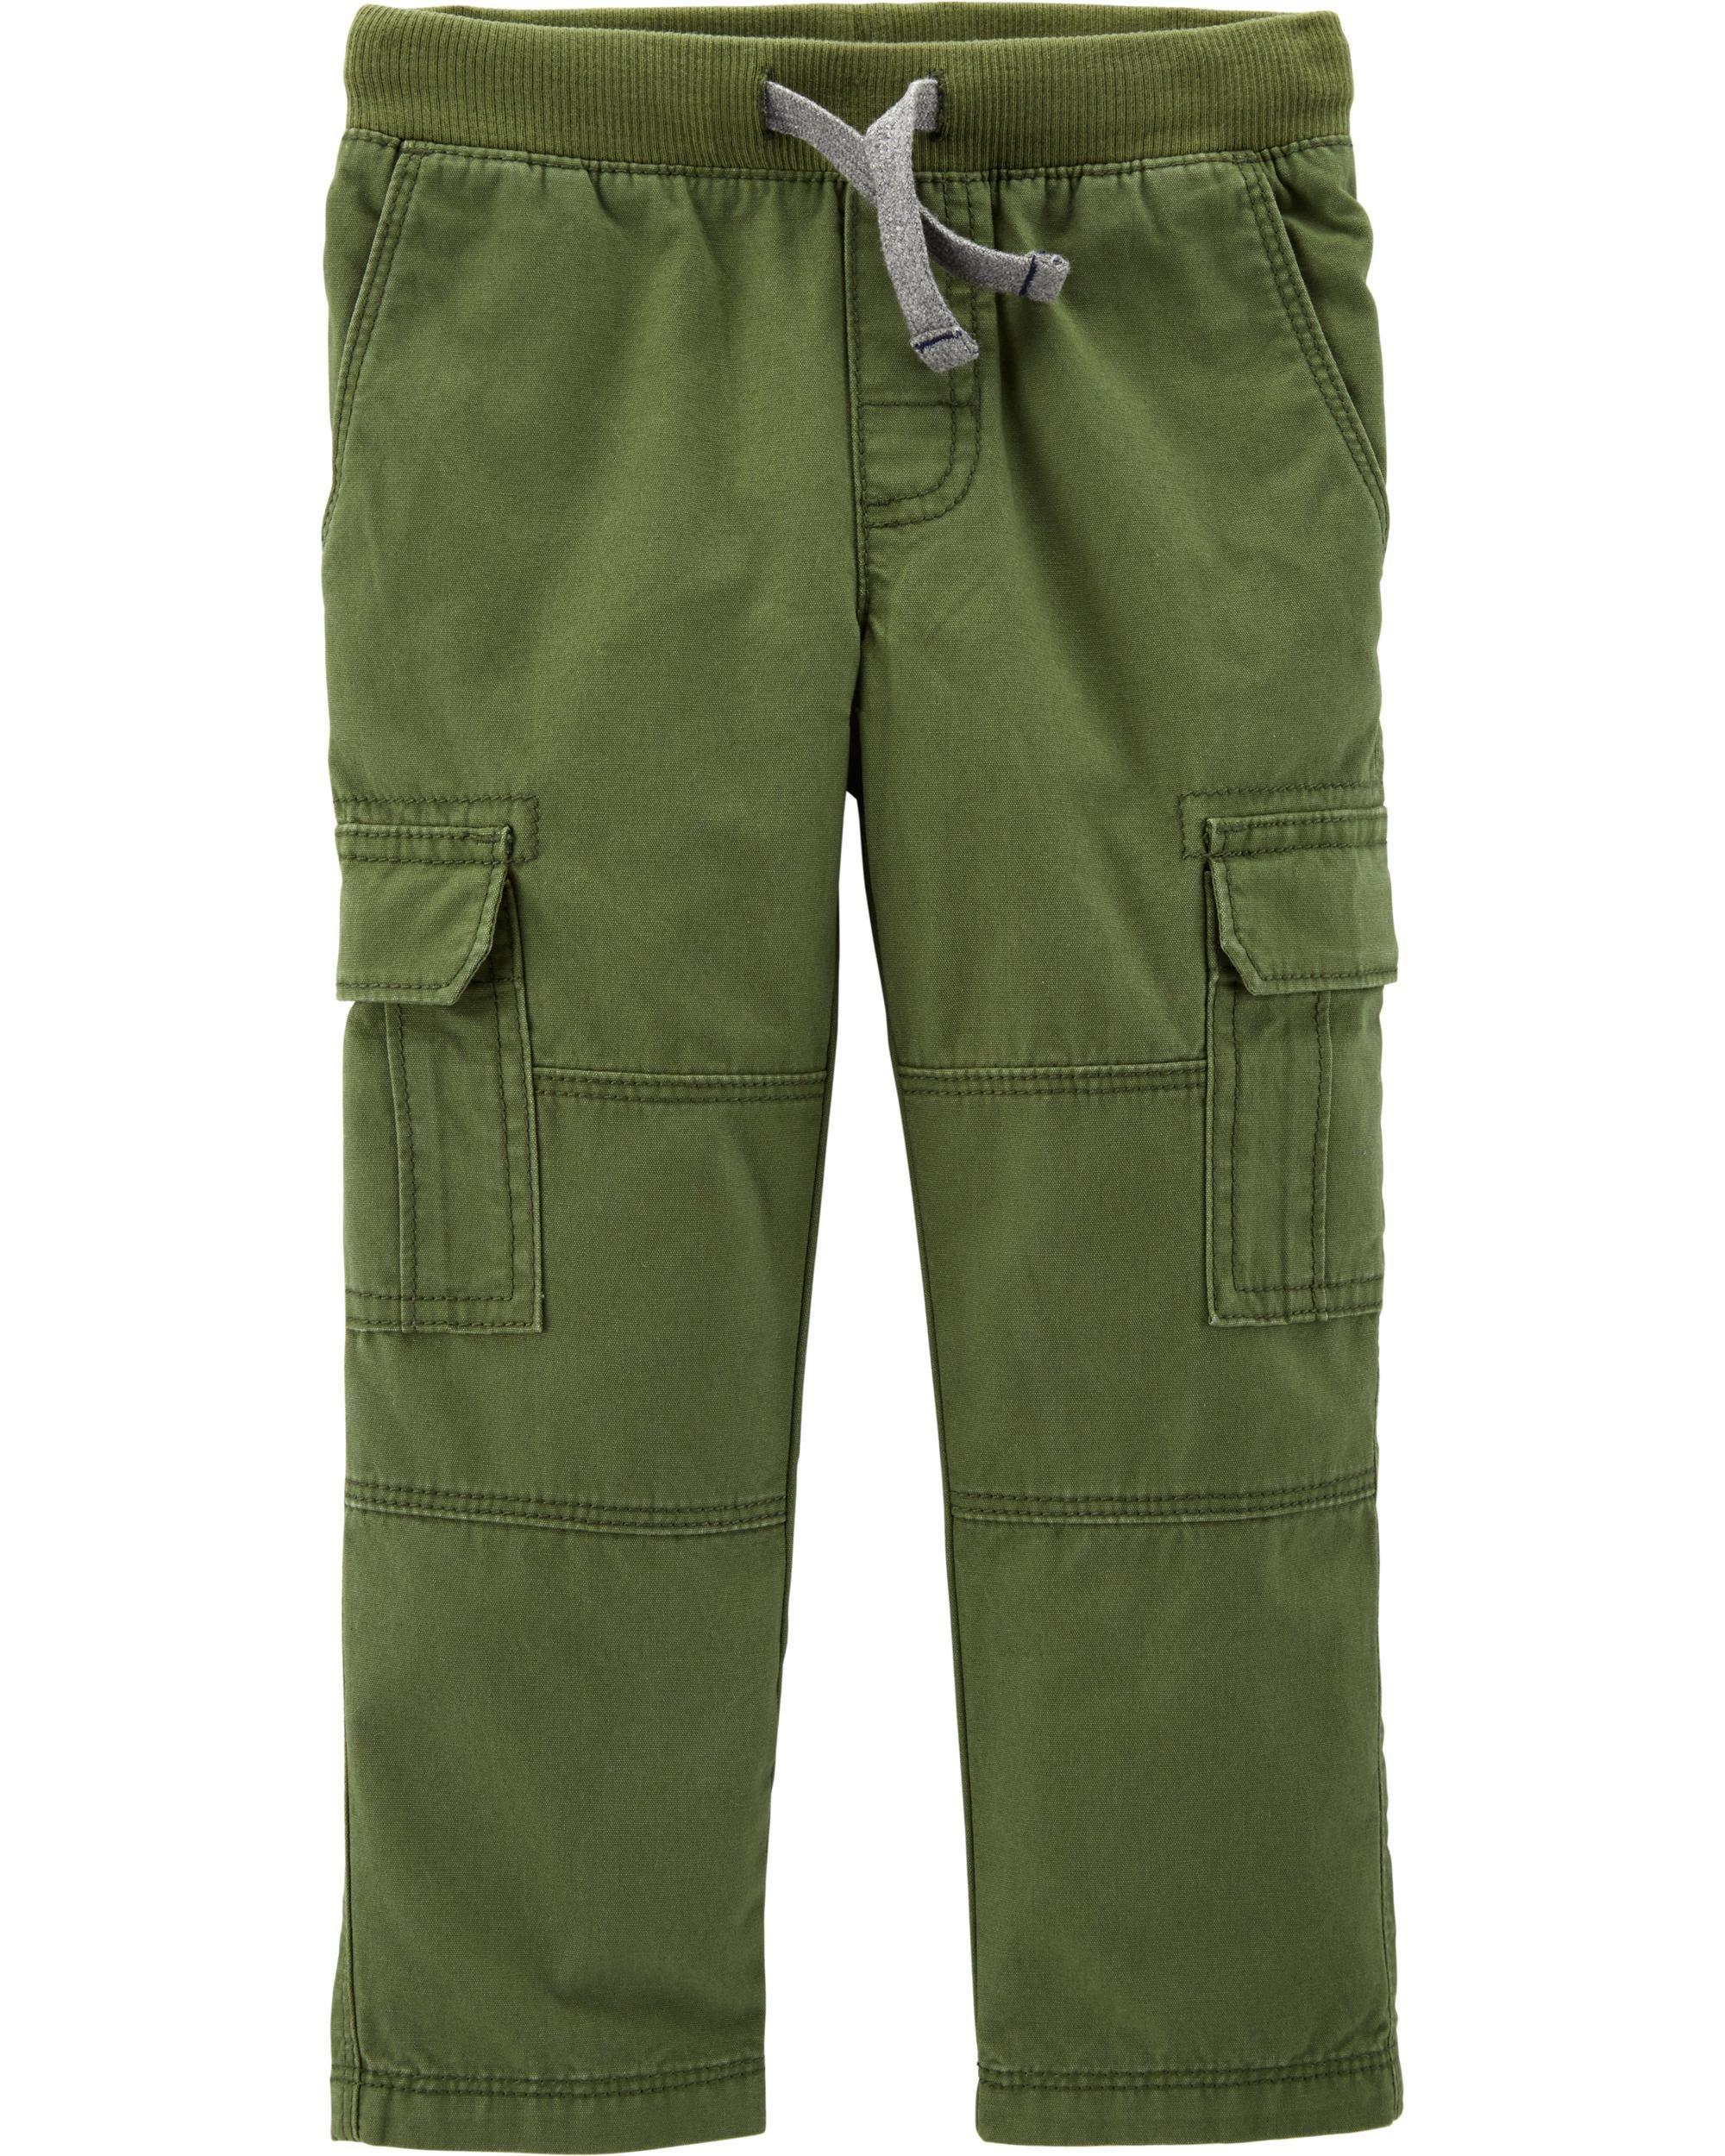 5cffecaeb Reinforced Knee Pants   Ellis 3T   Kids pants, Toddler pants, Cargo ...